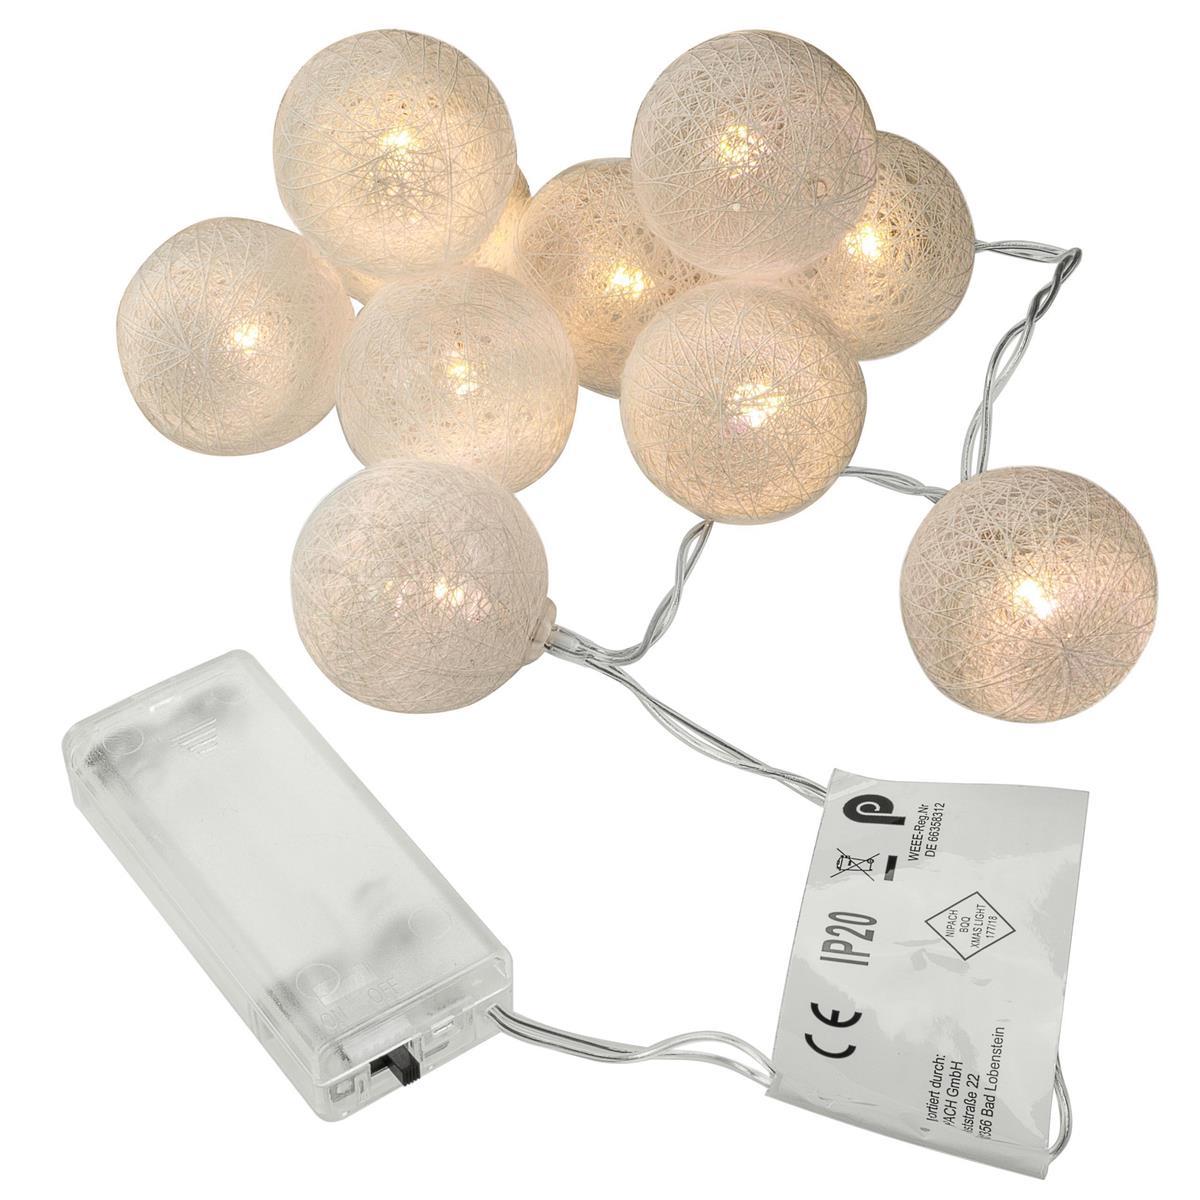 10 LED Lichterkette Häkeldesign warm weiß Kugel 4 cm Batterie Weihnachts-Deko